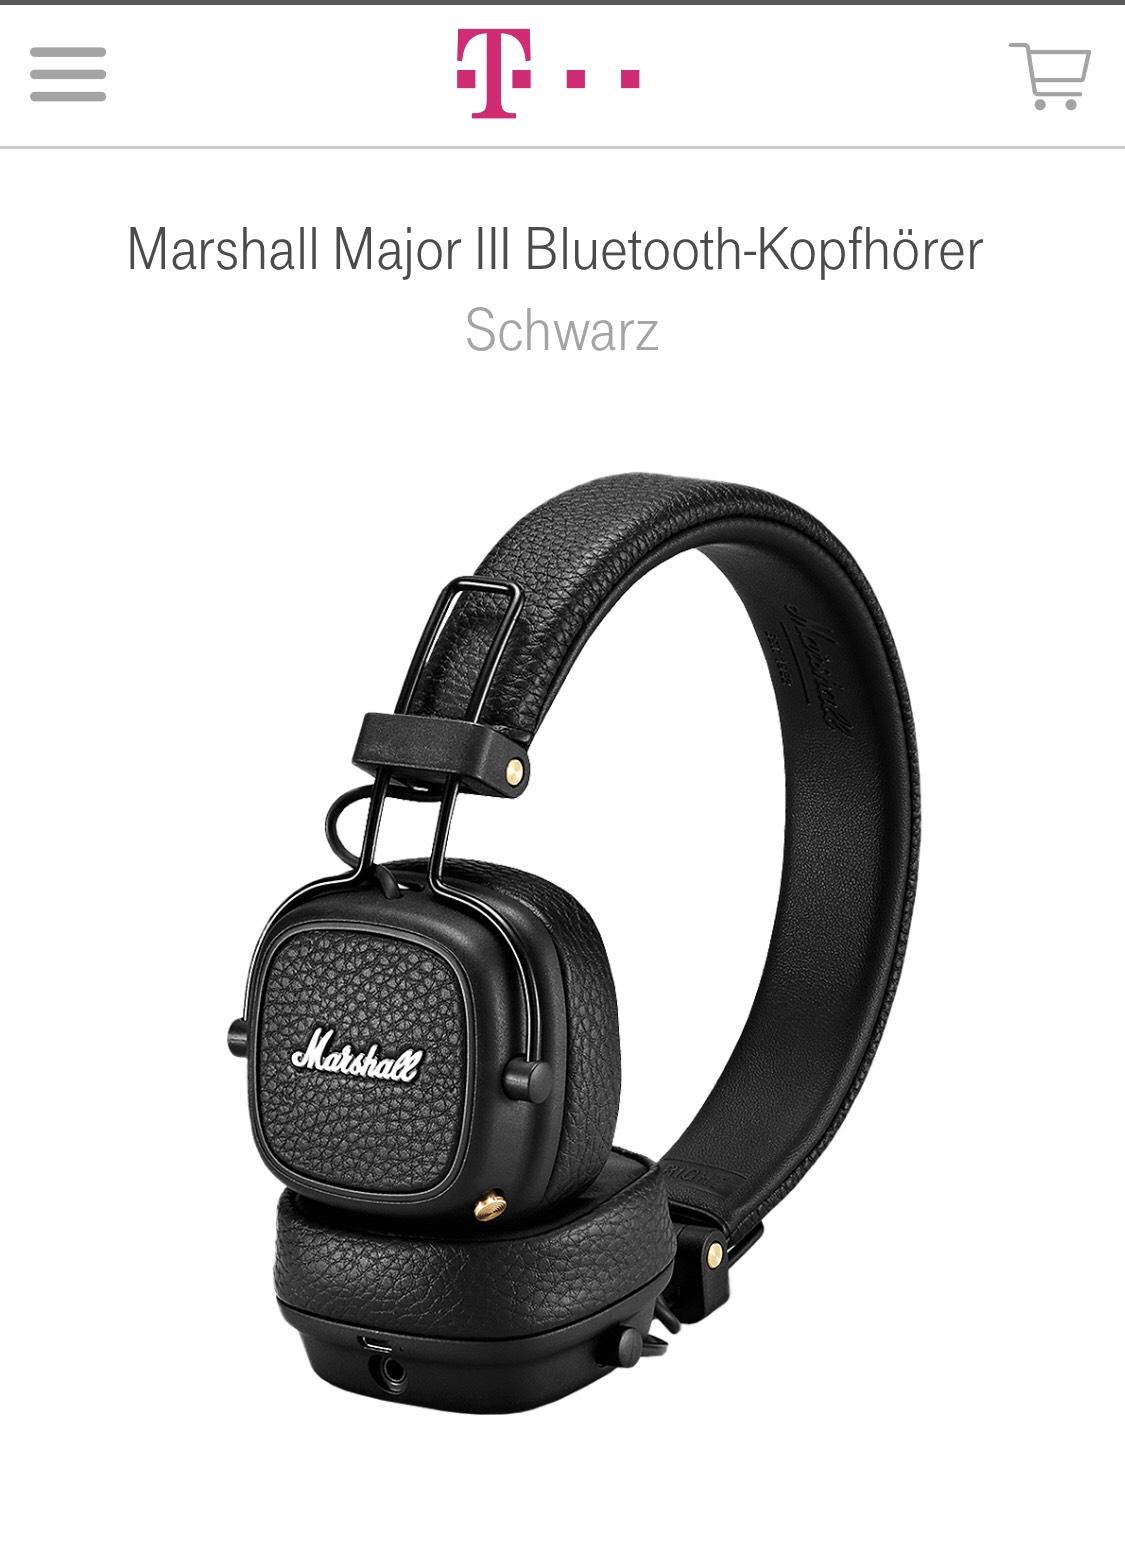 Marshall Major III Bluetooth-Kopfhörer